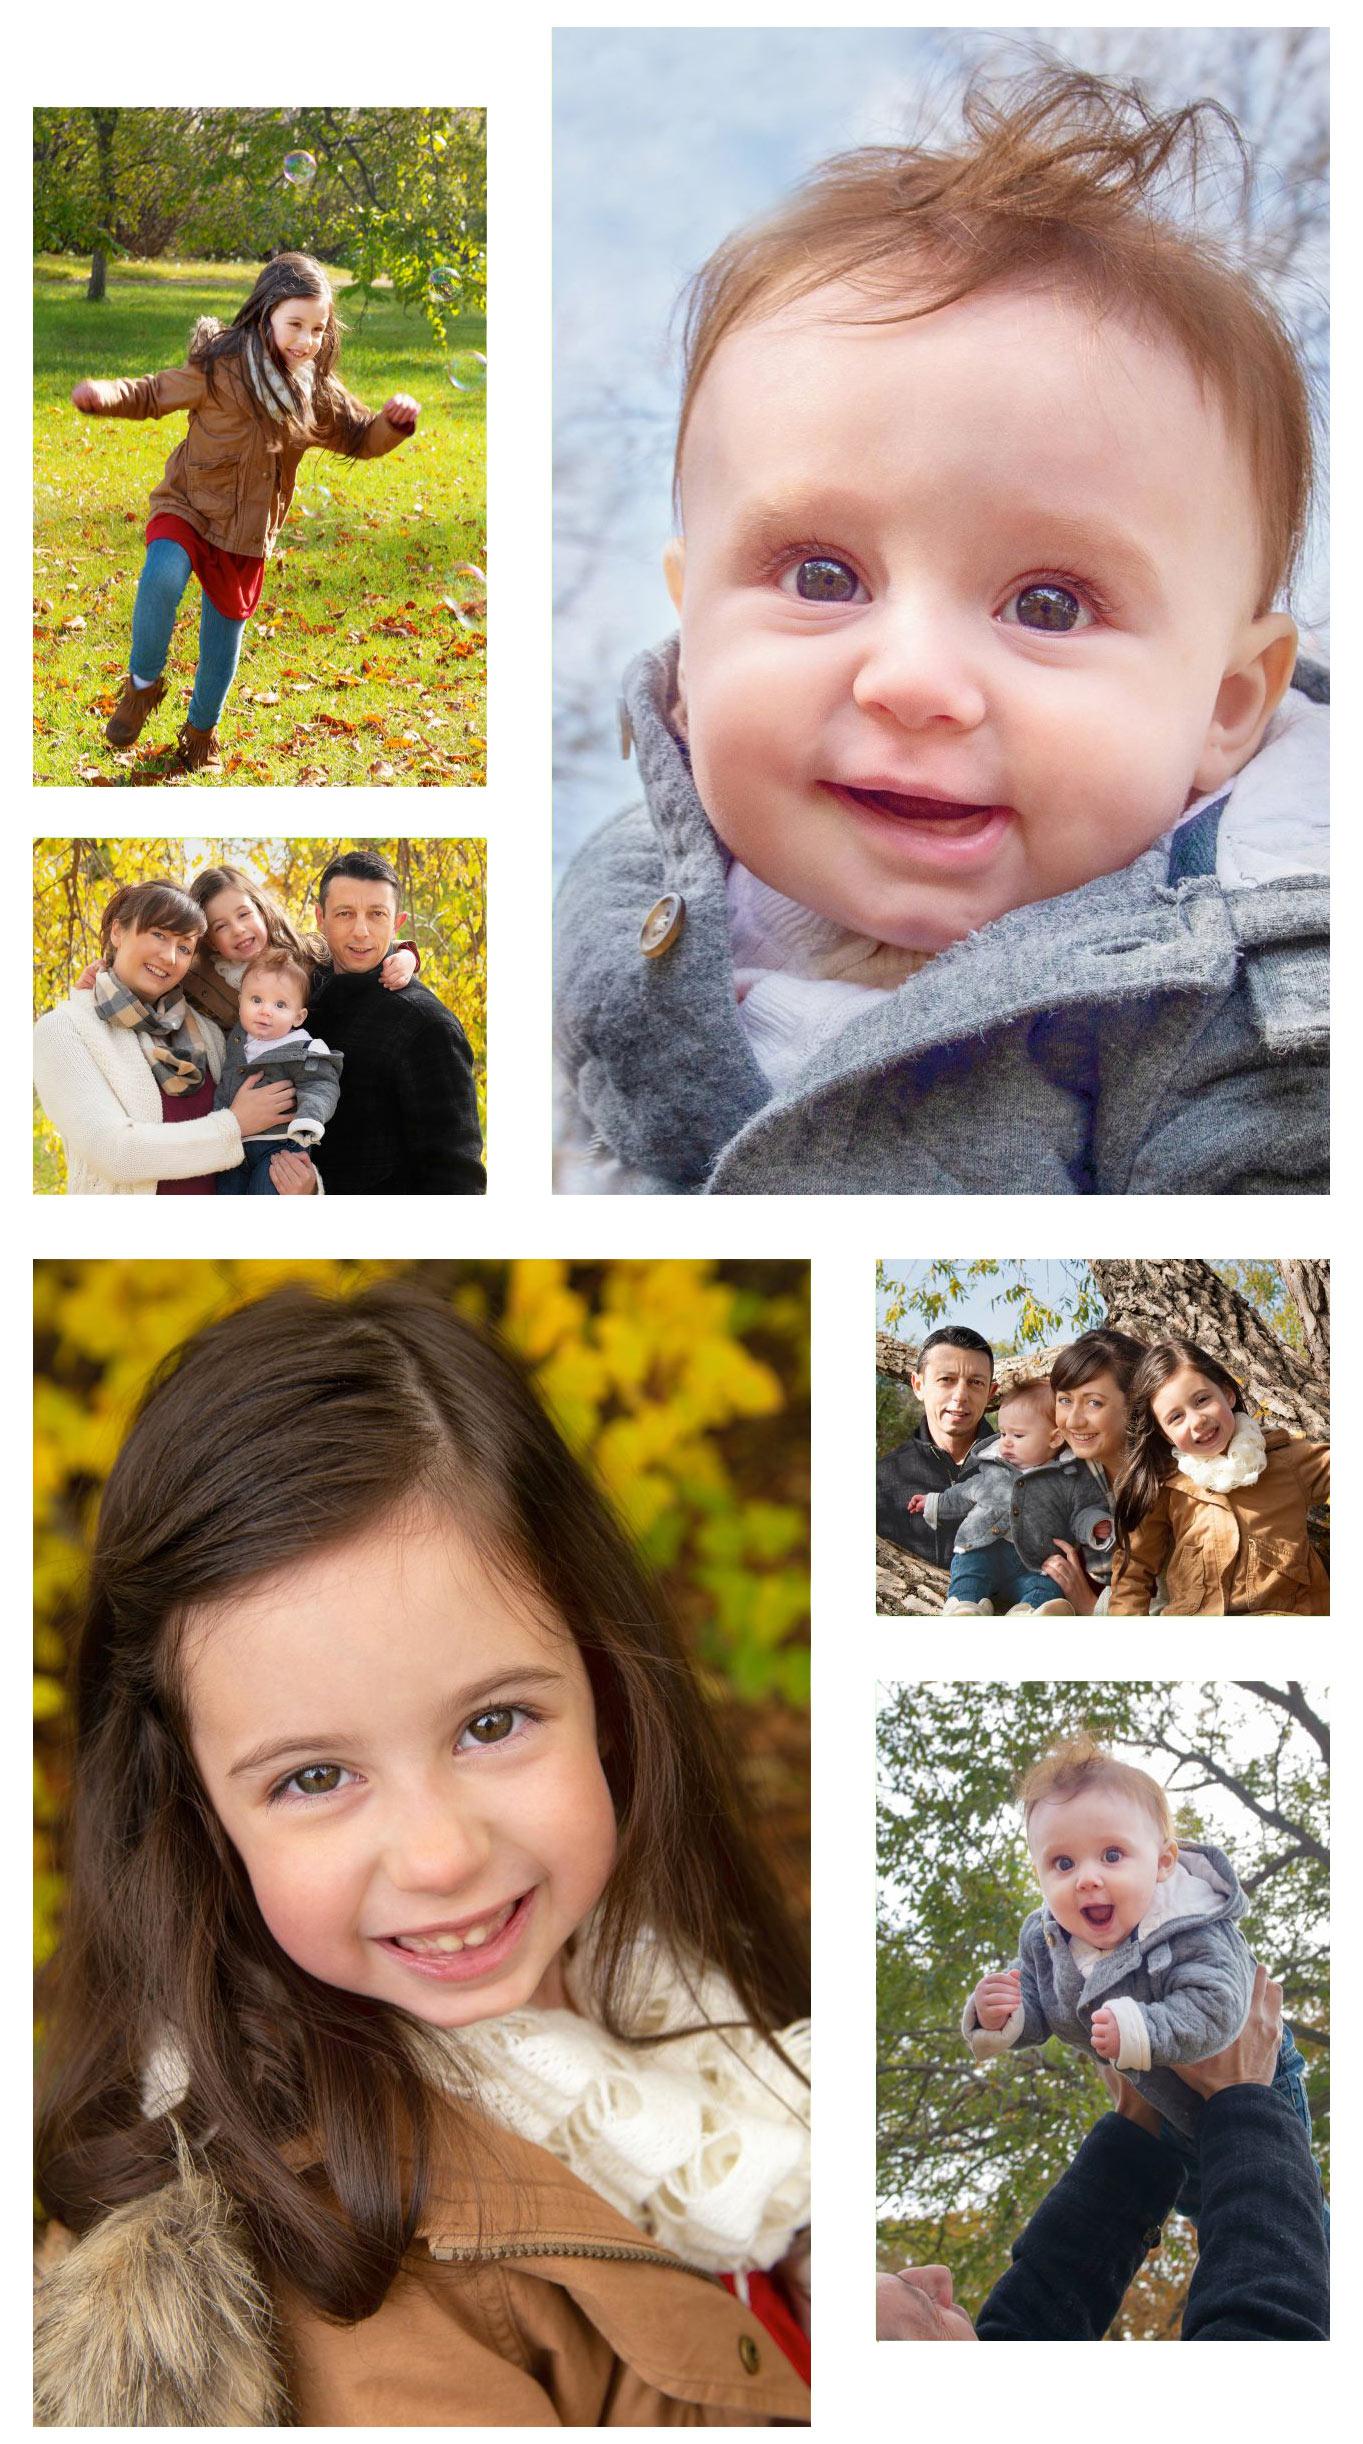 happy-family-free-lense-photo-03.jpg